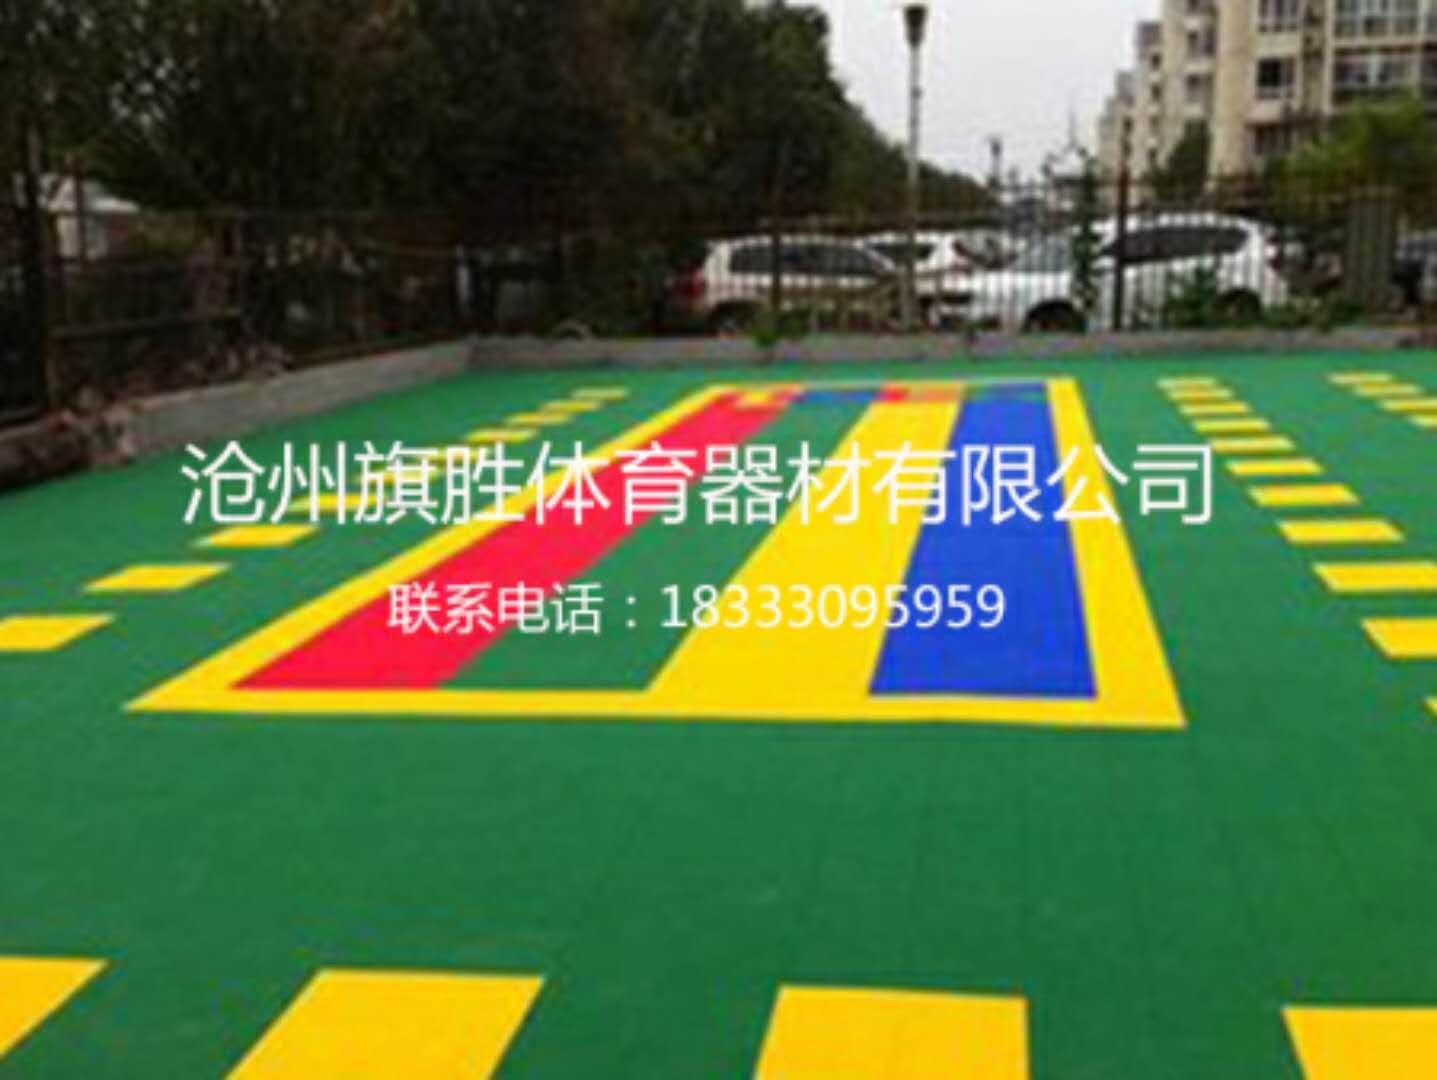 PVC运动地板施工-买悬浮地板就来沧州旗胜体育器材